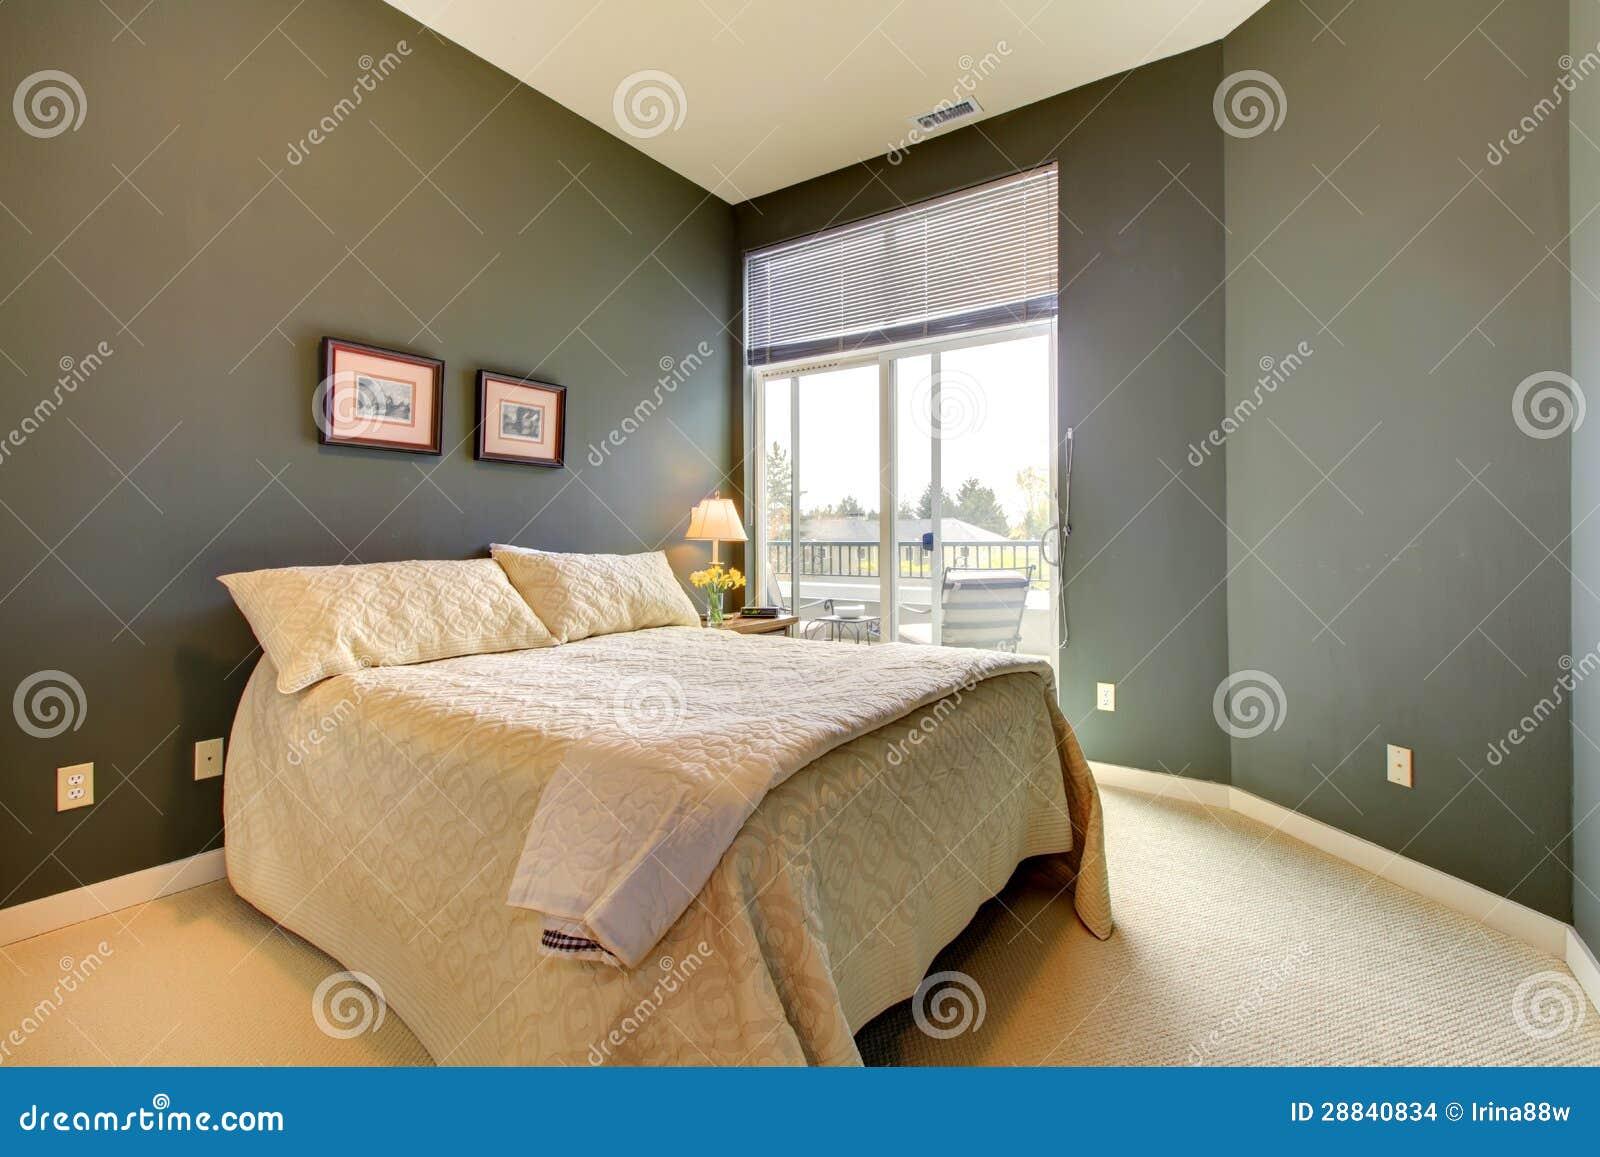 Slaapkamer met grijze groene muren en wit beddegoed. De deur van het ...